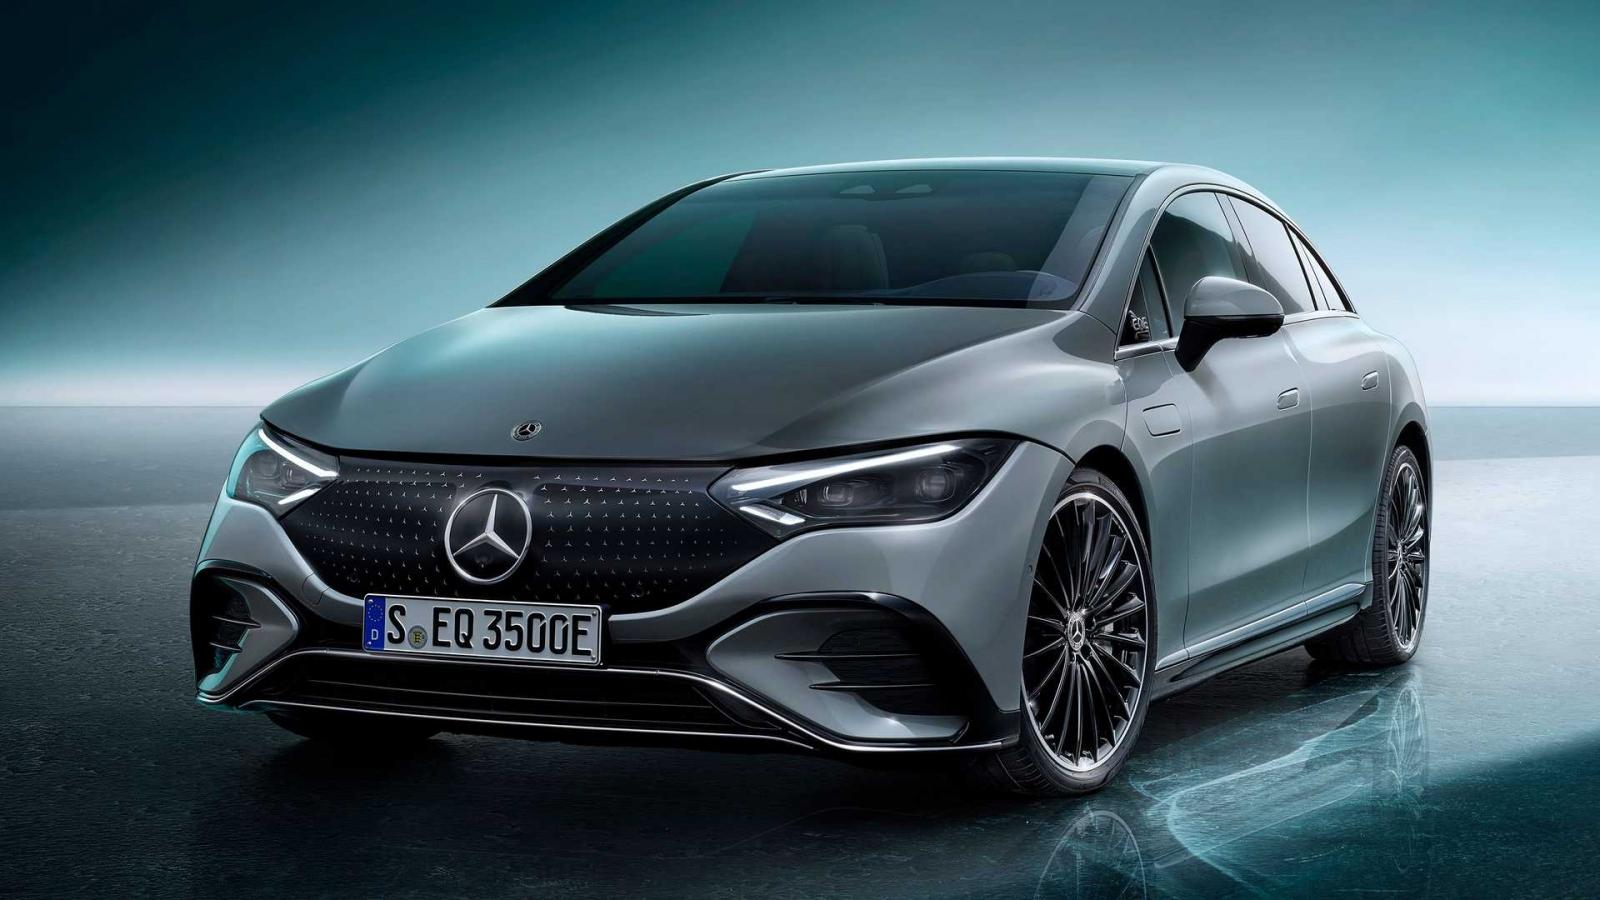 Khám phá sedan chạy điện Mercedes-Benz EQE đầy ắp công nghệ hiện đại